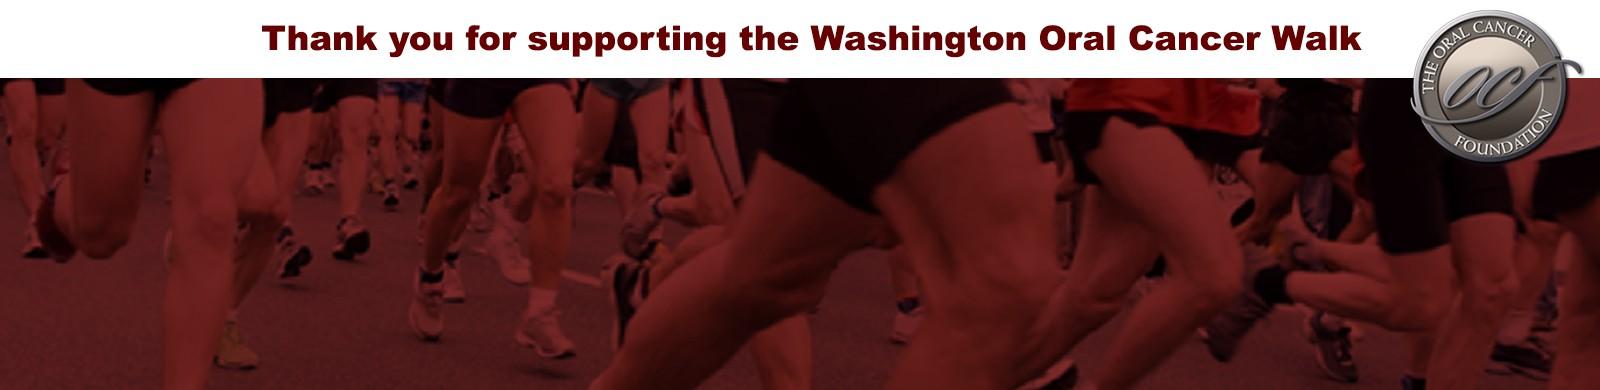 Washington Oral Cancer Foundation Walk